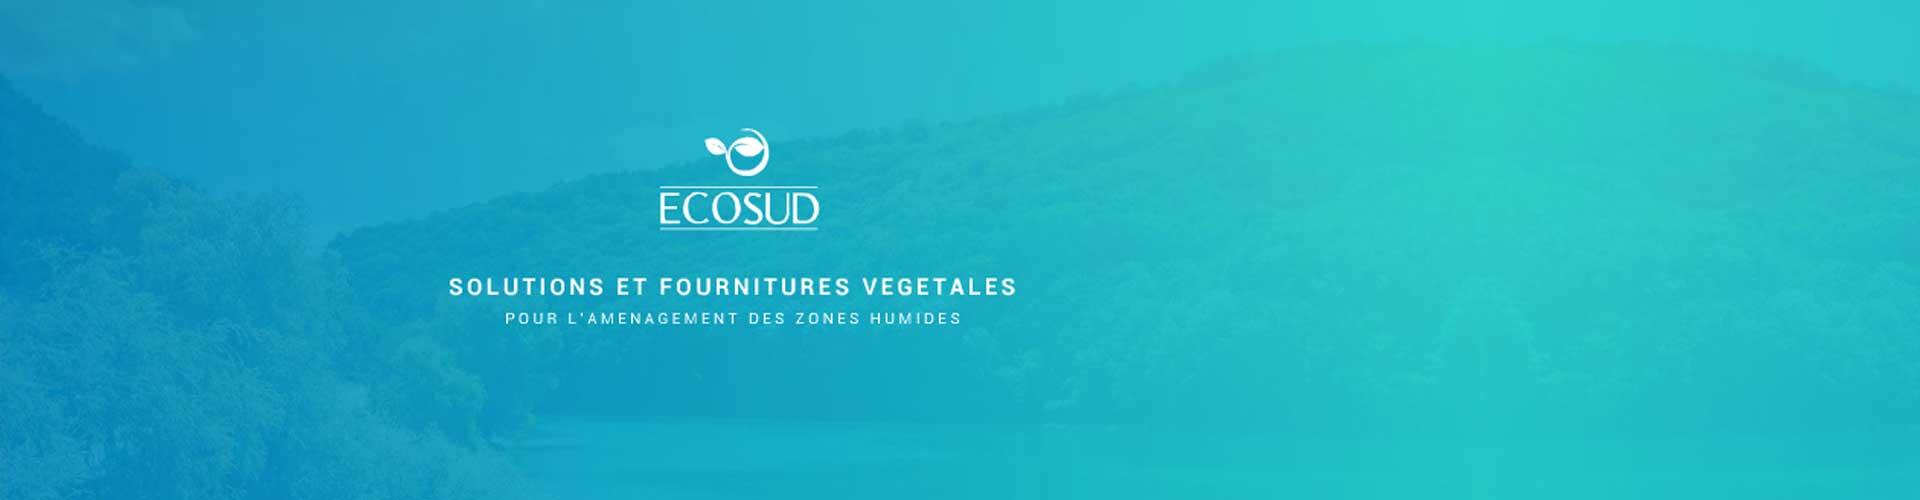 Ecosud,  végétaux locaux pour l'aménagement des zones humides et des espaces naturels.